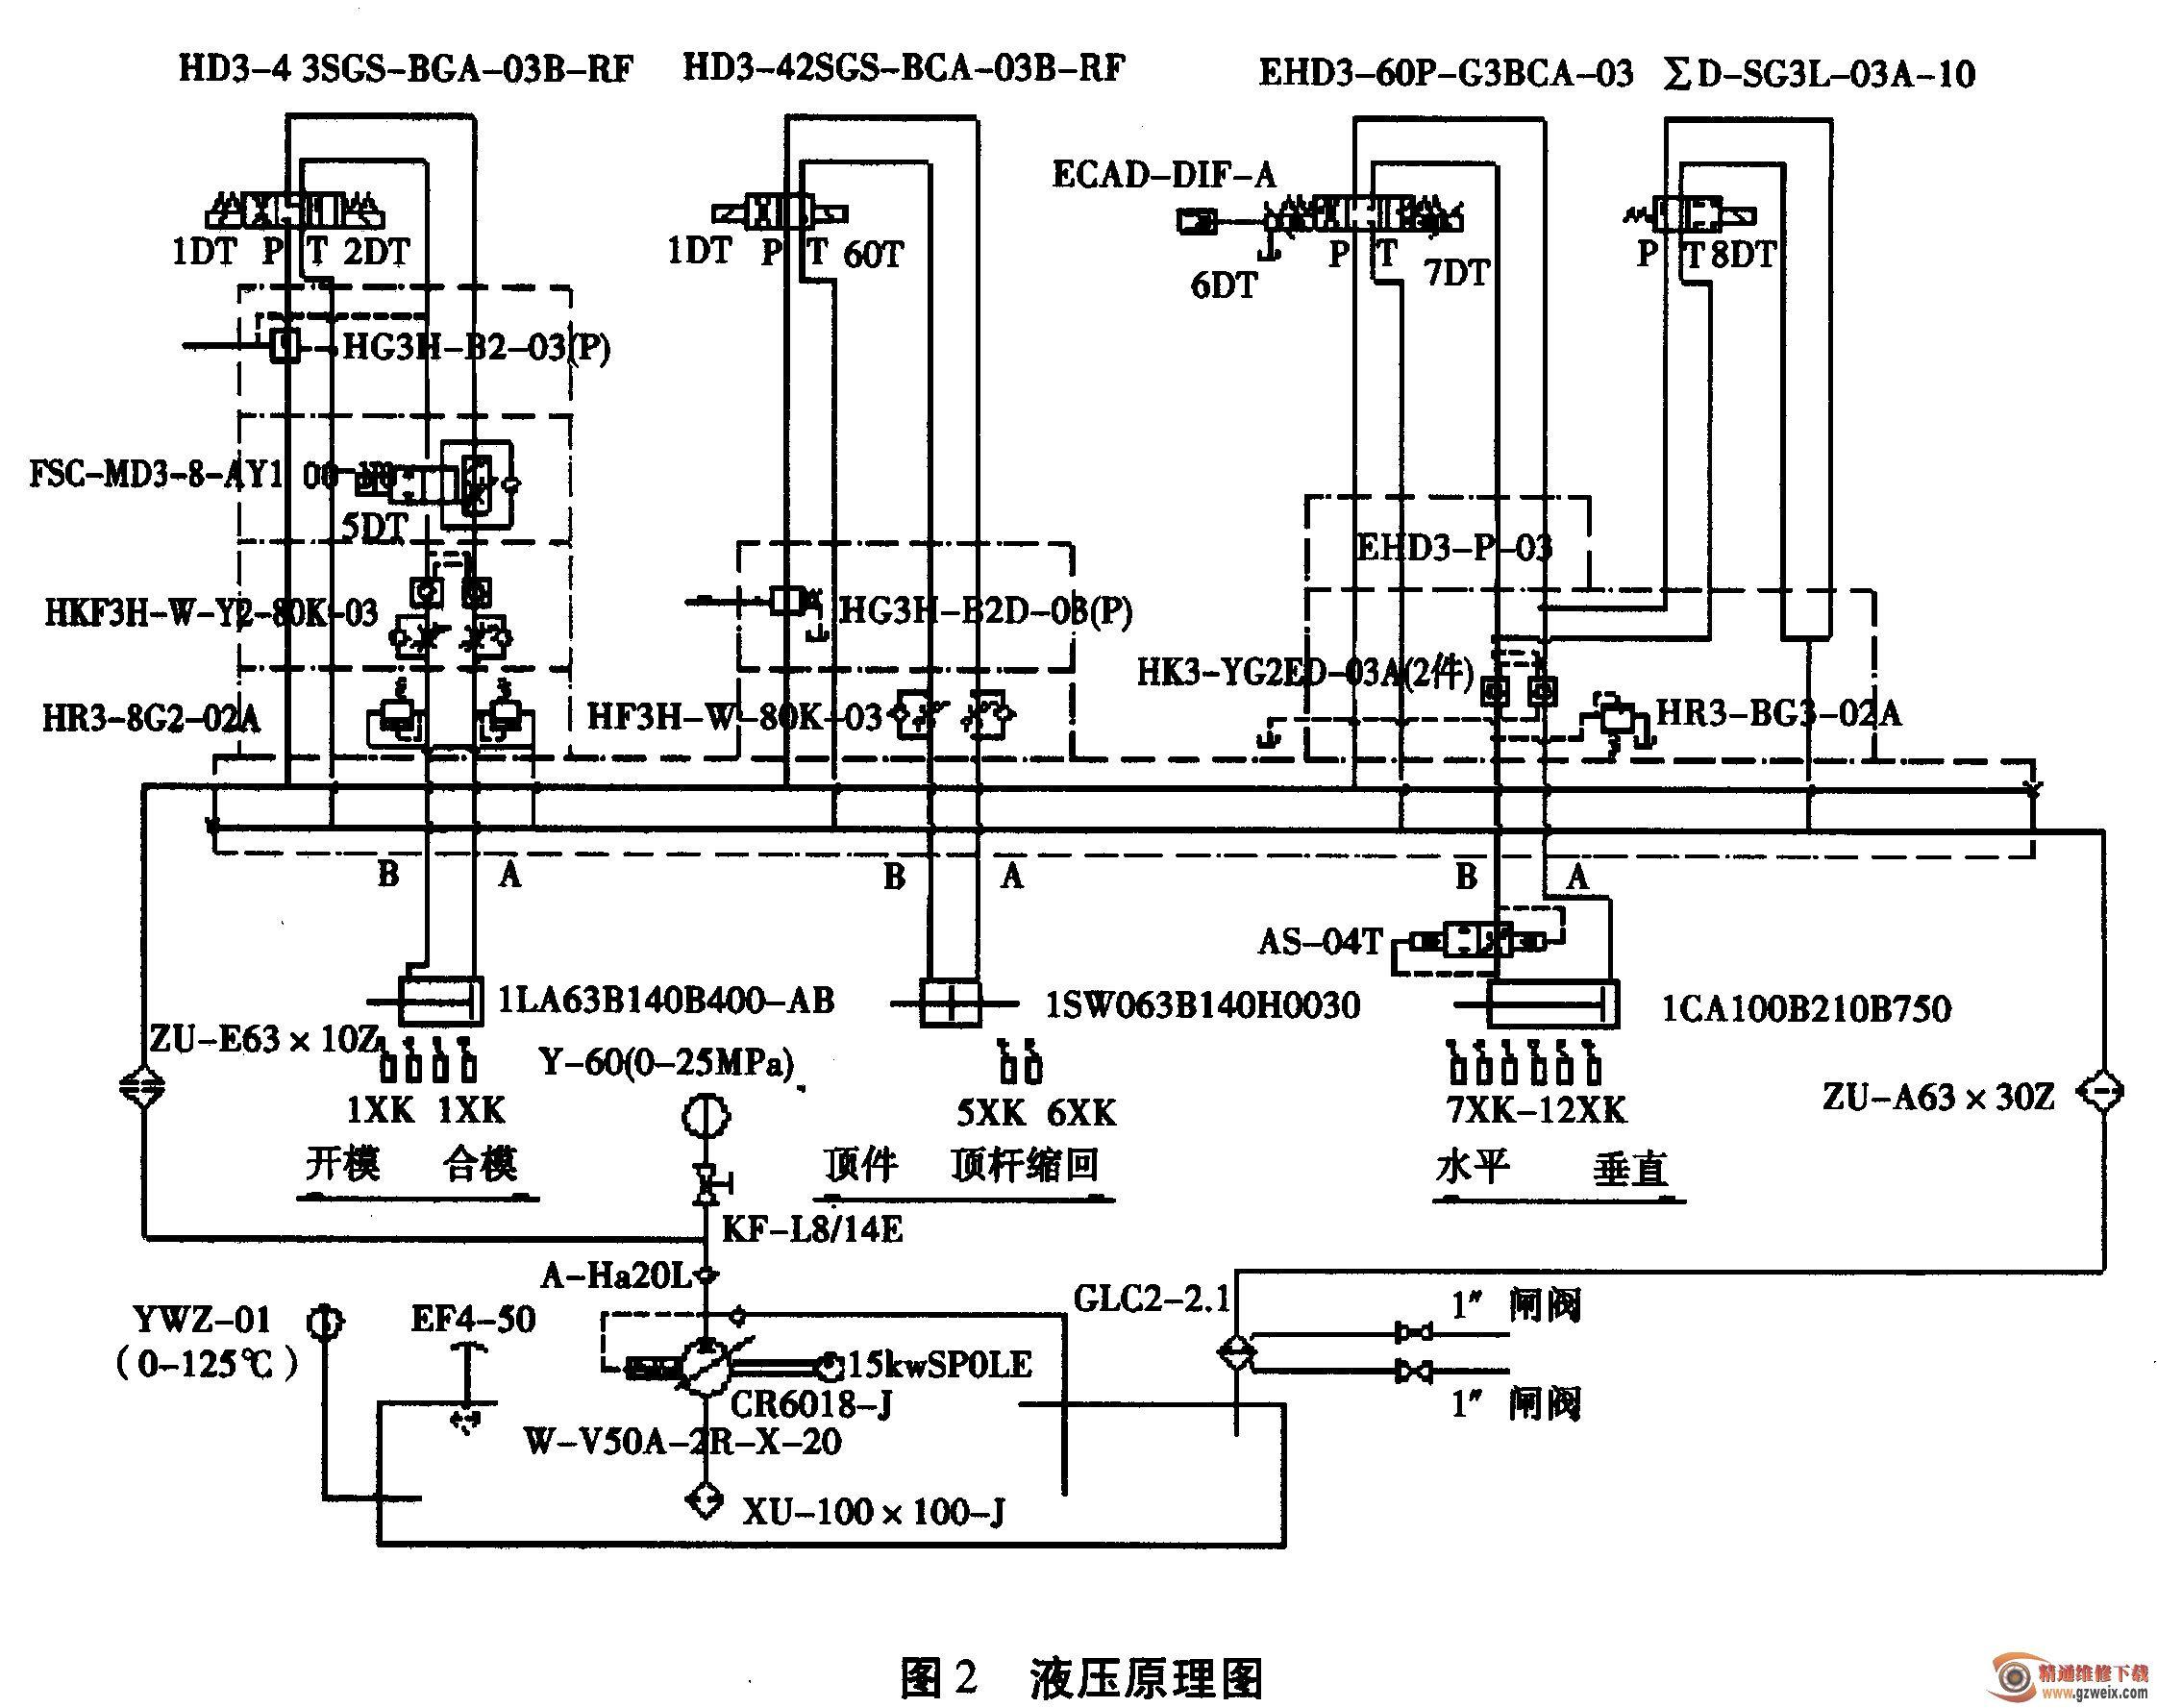 柴油机缸盖金属模浇铸机是利用机器内部的金属模具使合金液快速凝固成型形成铸件—柴油机缸盖。由于合金液的充型、开合模、铸件脱模均需较大的力(达几吨),故采用工作能力较大的液压元件来完成:由于考虑到安全性的原因及取件力较小(十几公斤),故铸件的取出采用装有长行程(行程1000 mm)的无活塞杆气缸来完成。